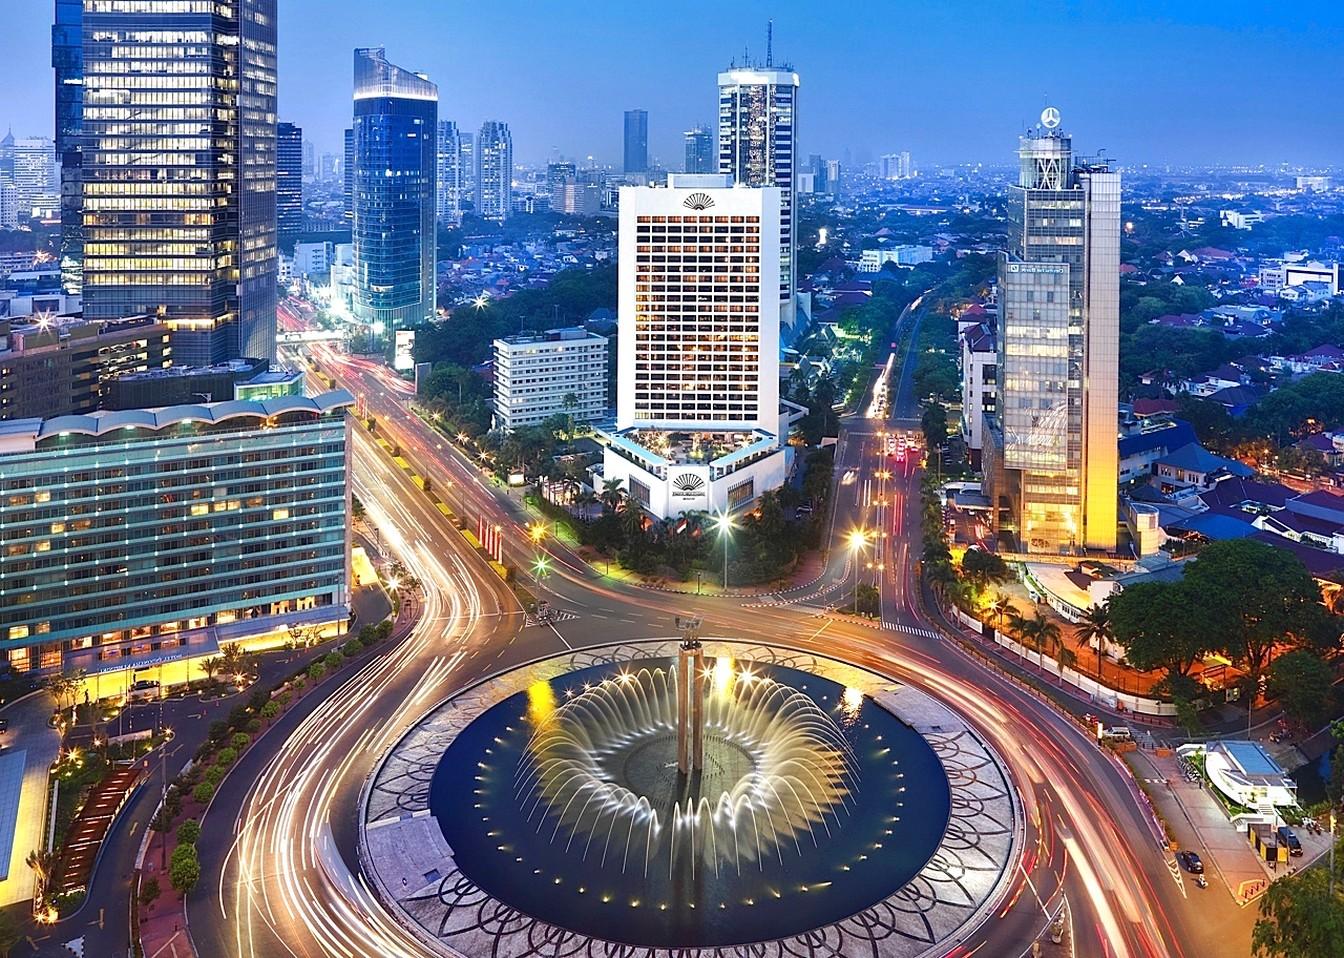 Tidak Liburan Ke Luar Kota Ide Staycation Dan Liburan Di Jakarta Ini Akan Sangat Membantu Kalian!